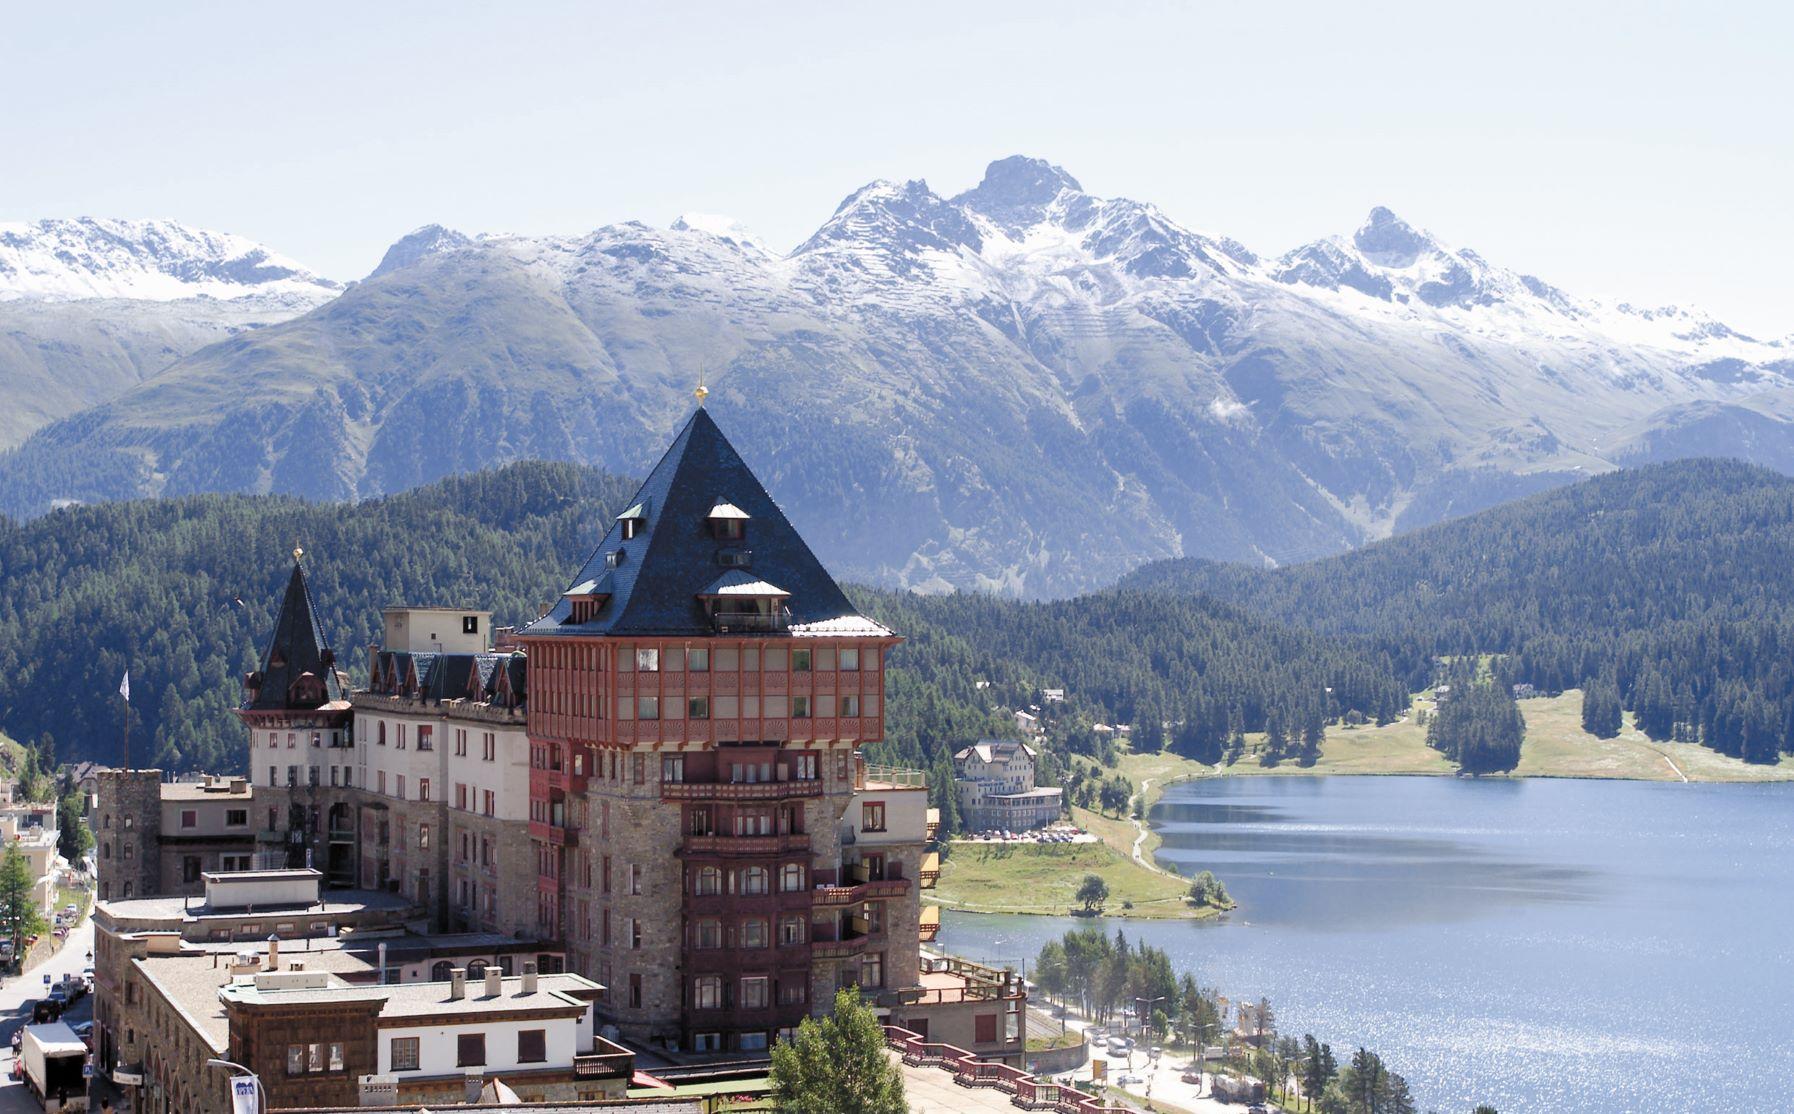 Il Badrutt's Palace Hotel di St. Moritz votato come uno dei migliori hotel al mondo